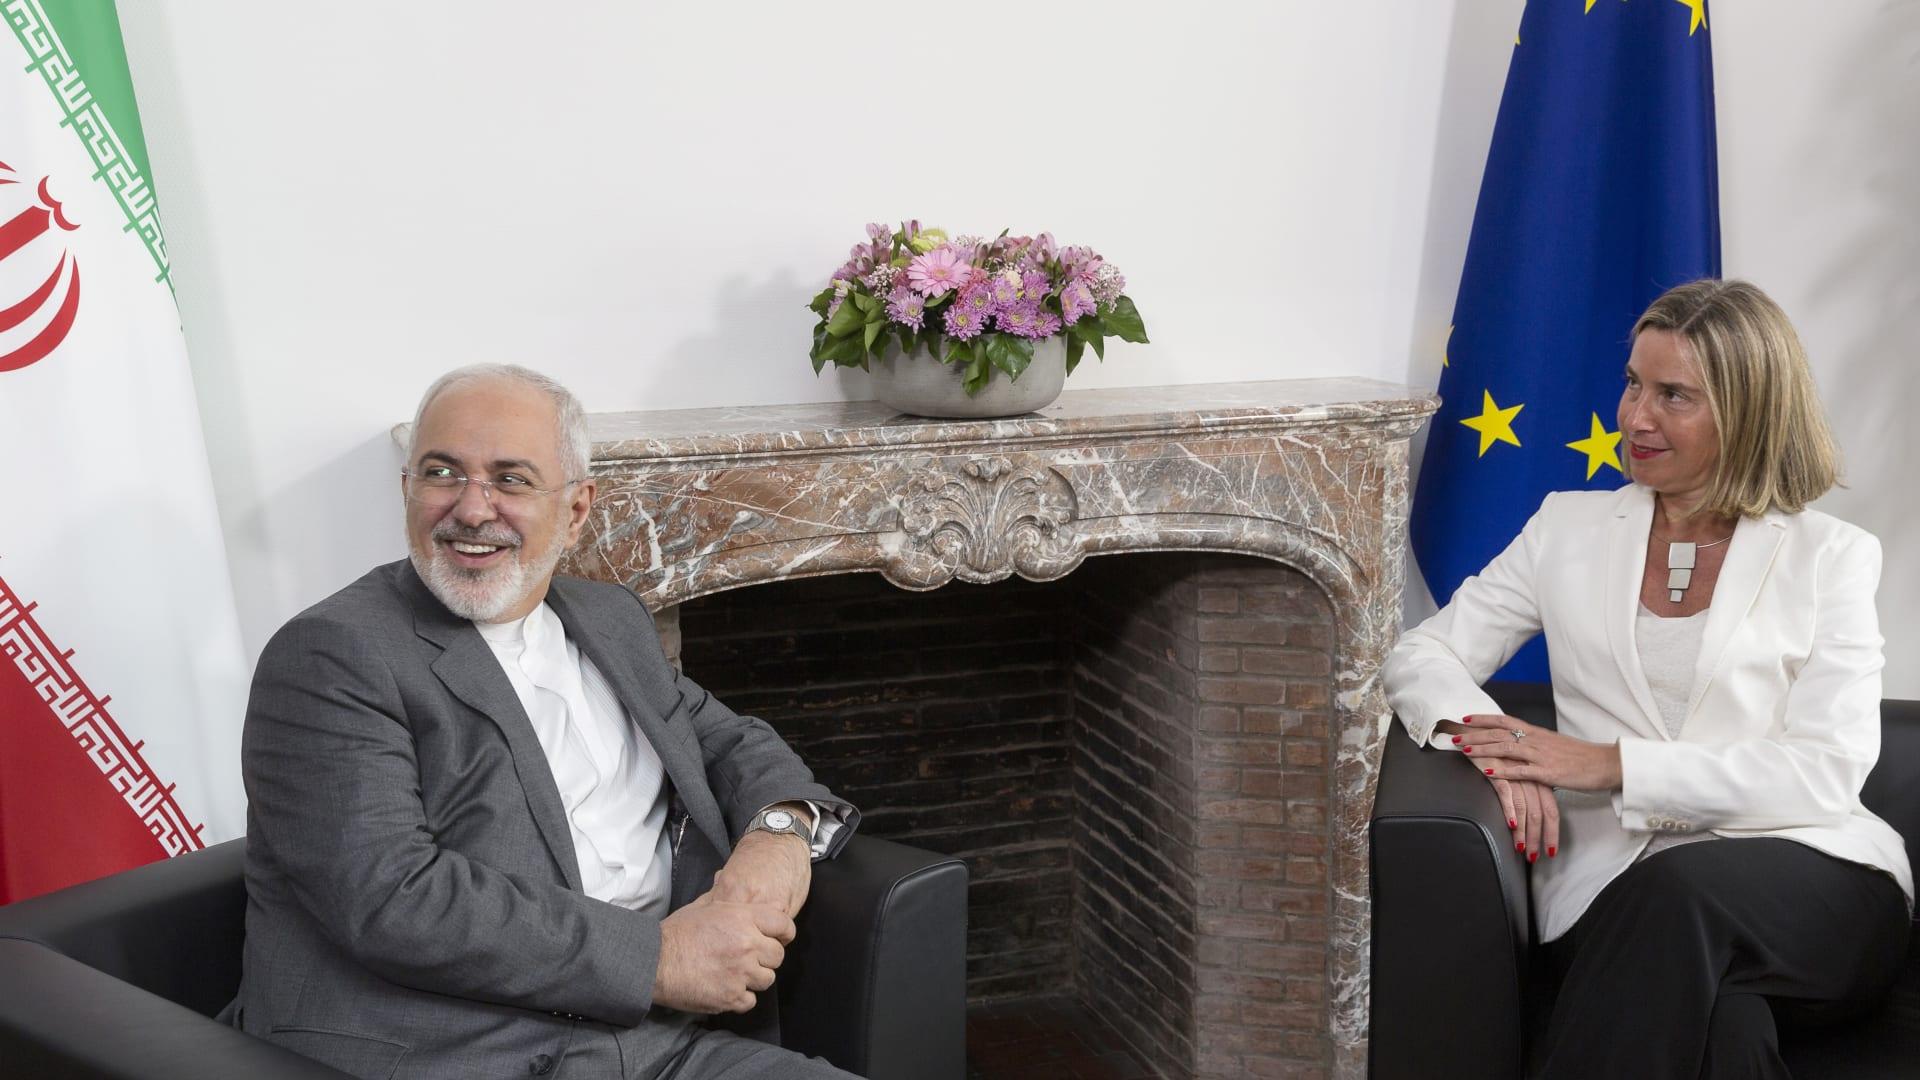 ظريف: 7 بنوك مركزية أوروبية تقر إنشاء آلية مالية للتعامل مع إيران